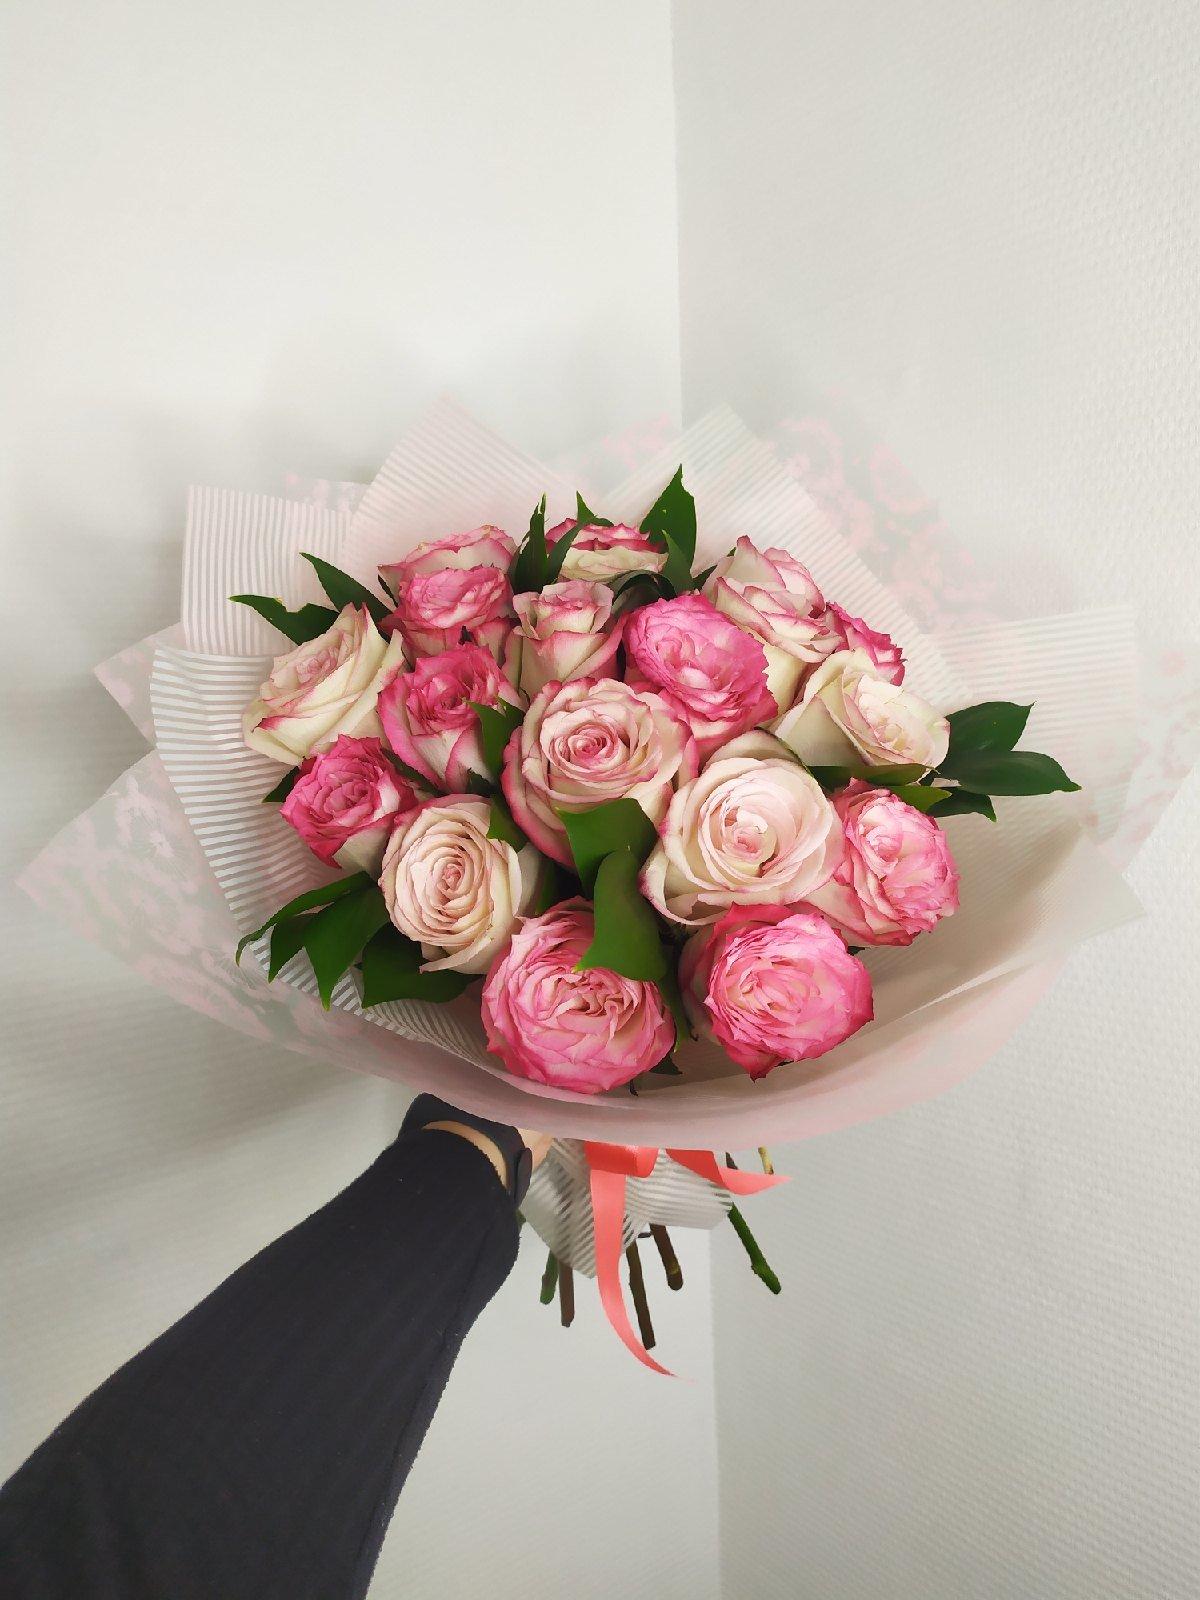 Комбо-подарок на День влюблённых. От сердца к сердцу, фото-12